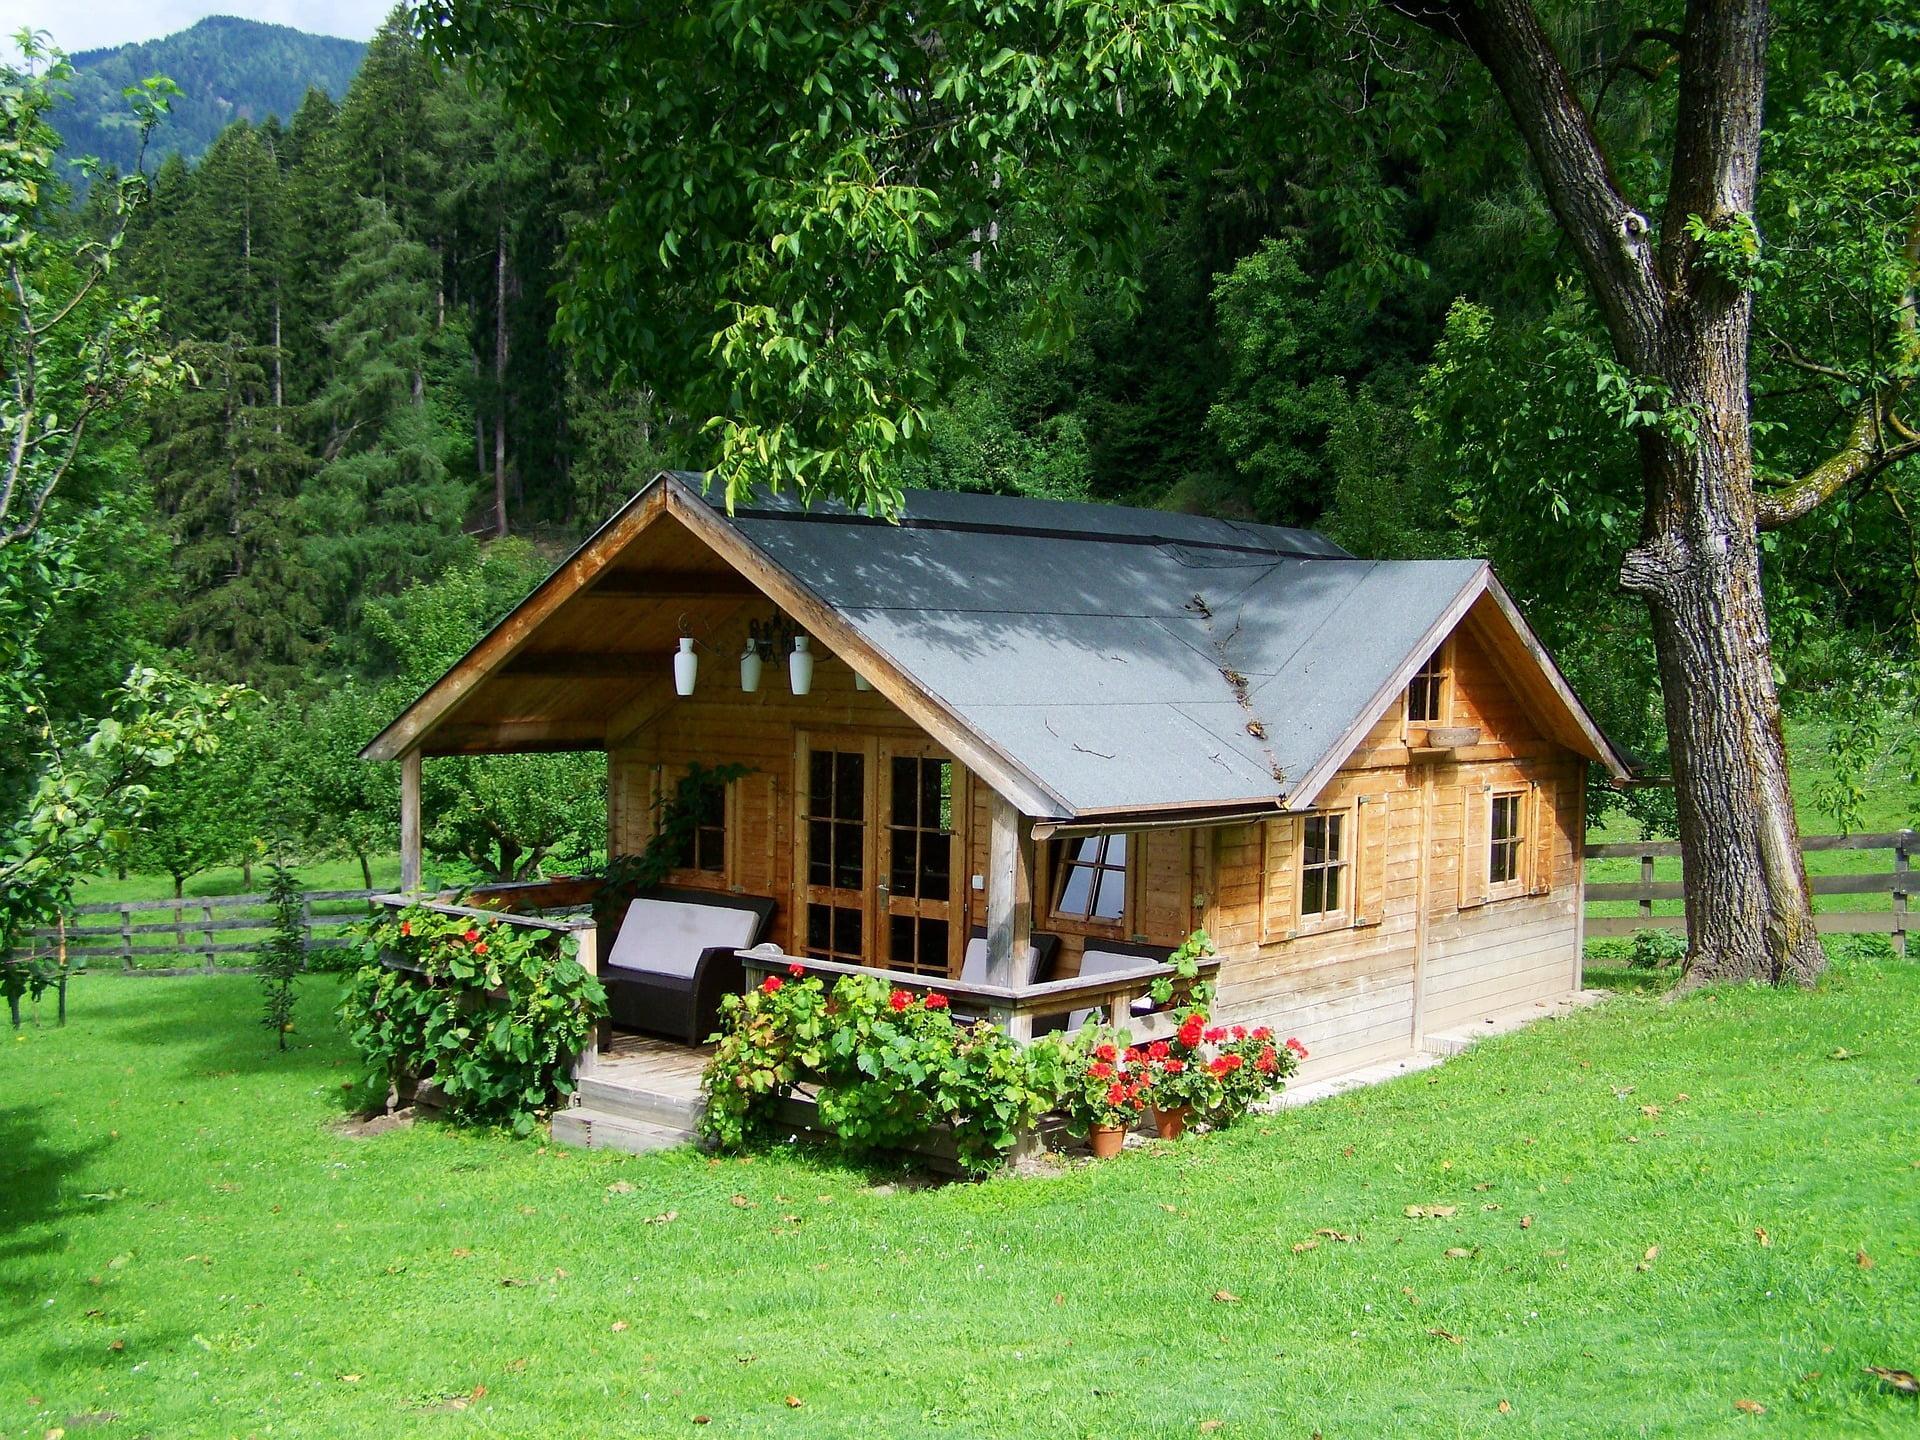 MLINAR d.o.o., balkonske ograje, vrtne ute, pergole in brunarice, nadstreški za avte iz lesa, sedežne garniture in klopi, predelava lesa, lesene ograje106